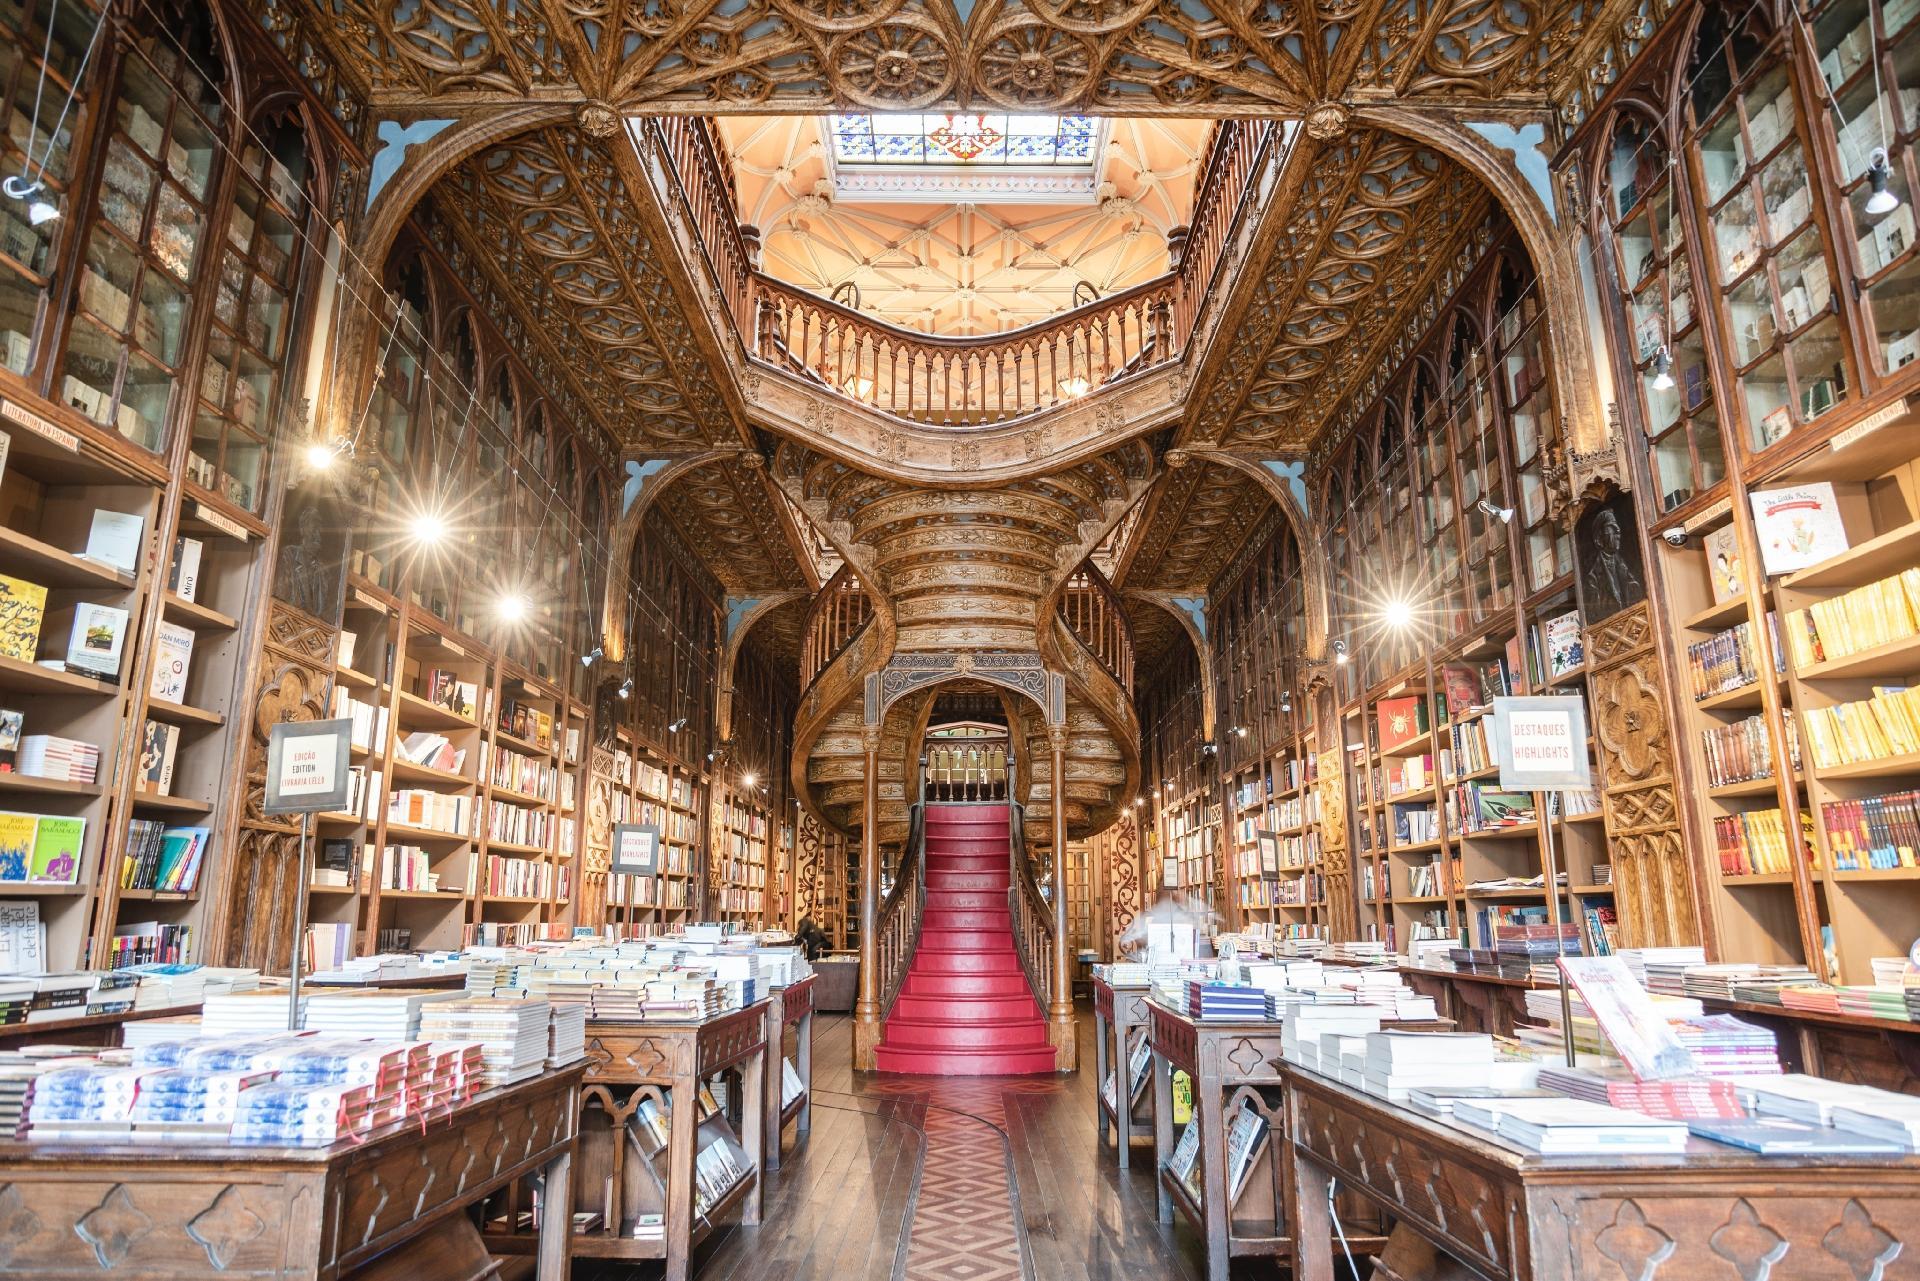 """Histórica livraria que inspirou """"Harry Potter"""" doa clássicos em drive thru  - 03/04/2020 - UOL Nossa"""